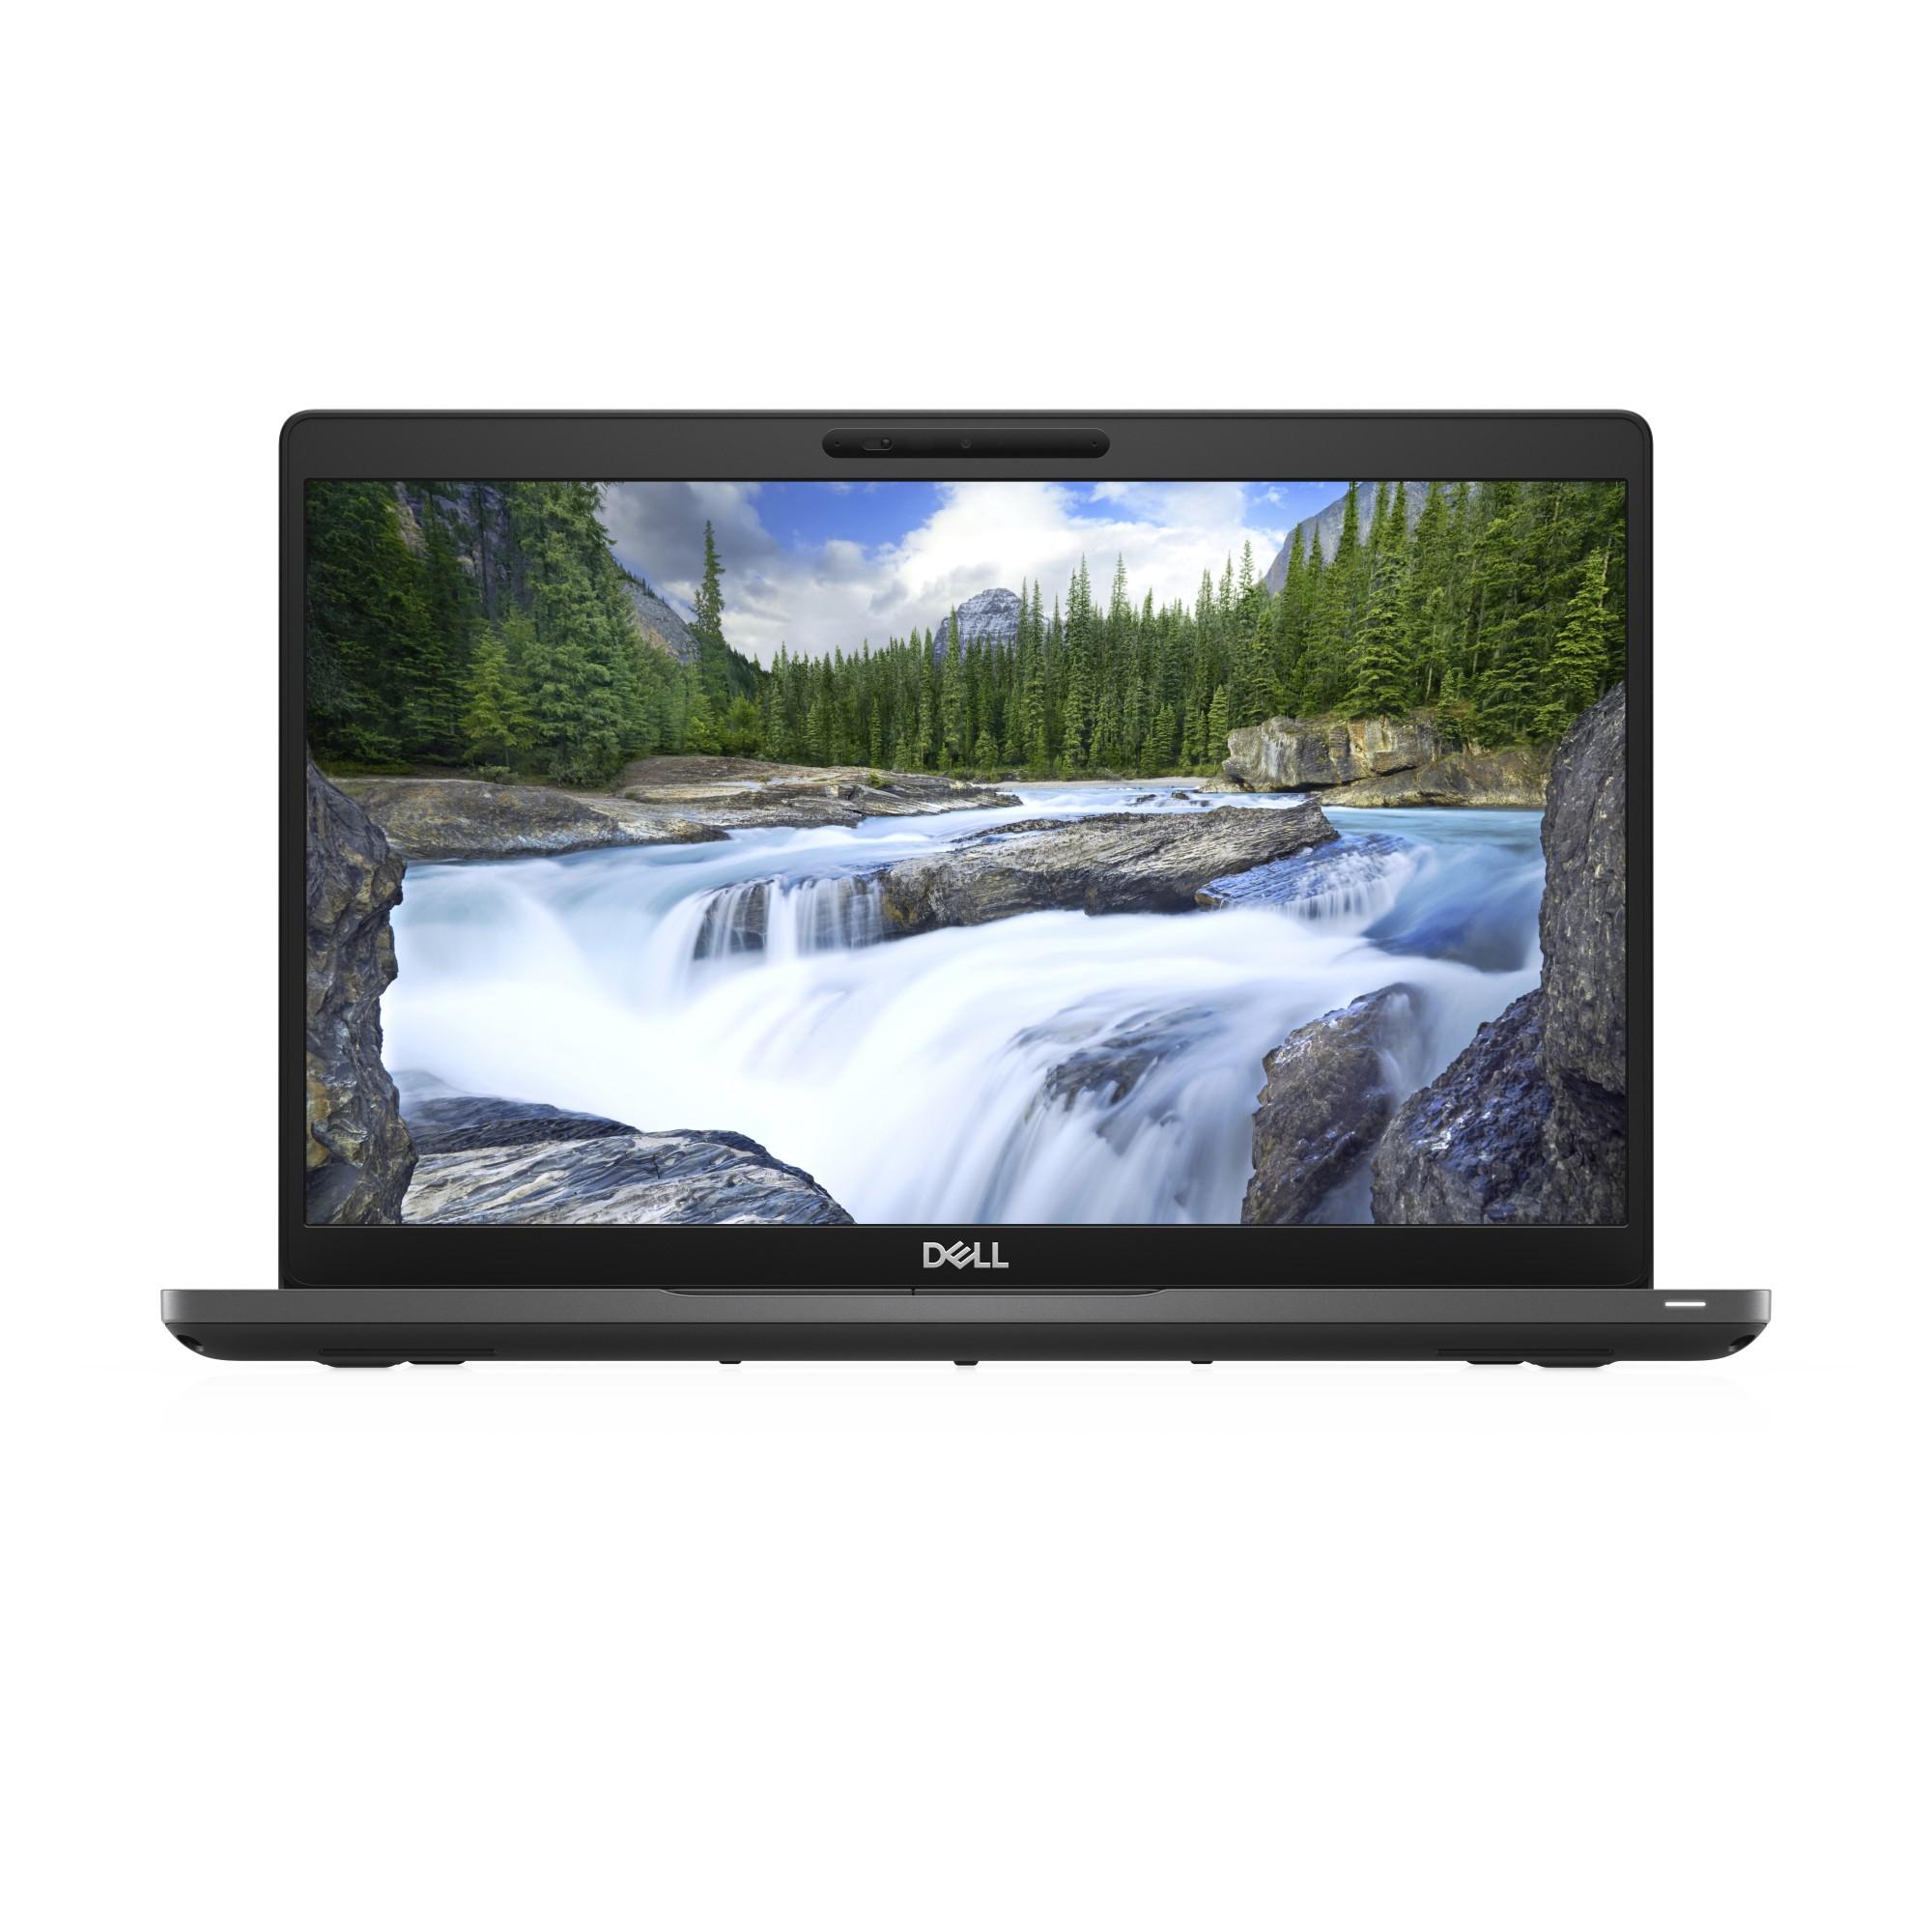 DELL Latitude 5400 Black Notebook 35.6 cm (14